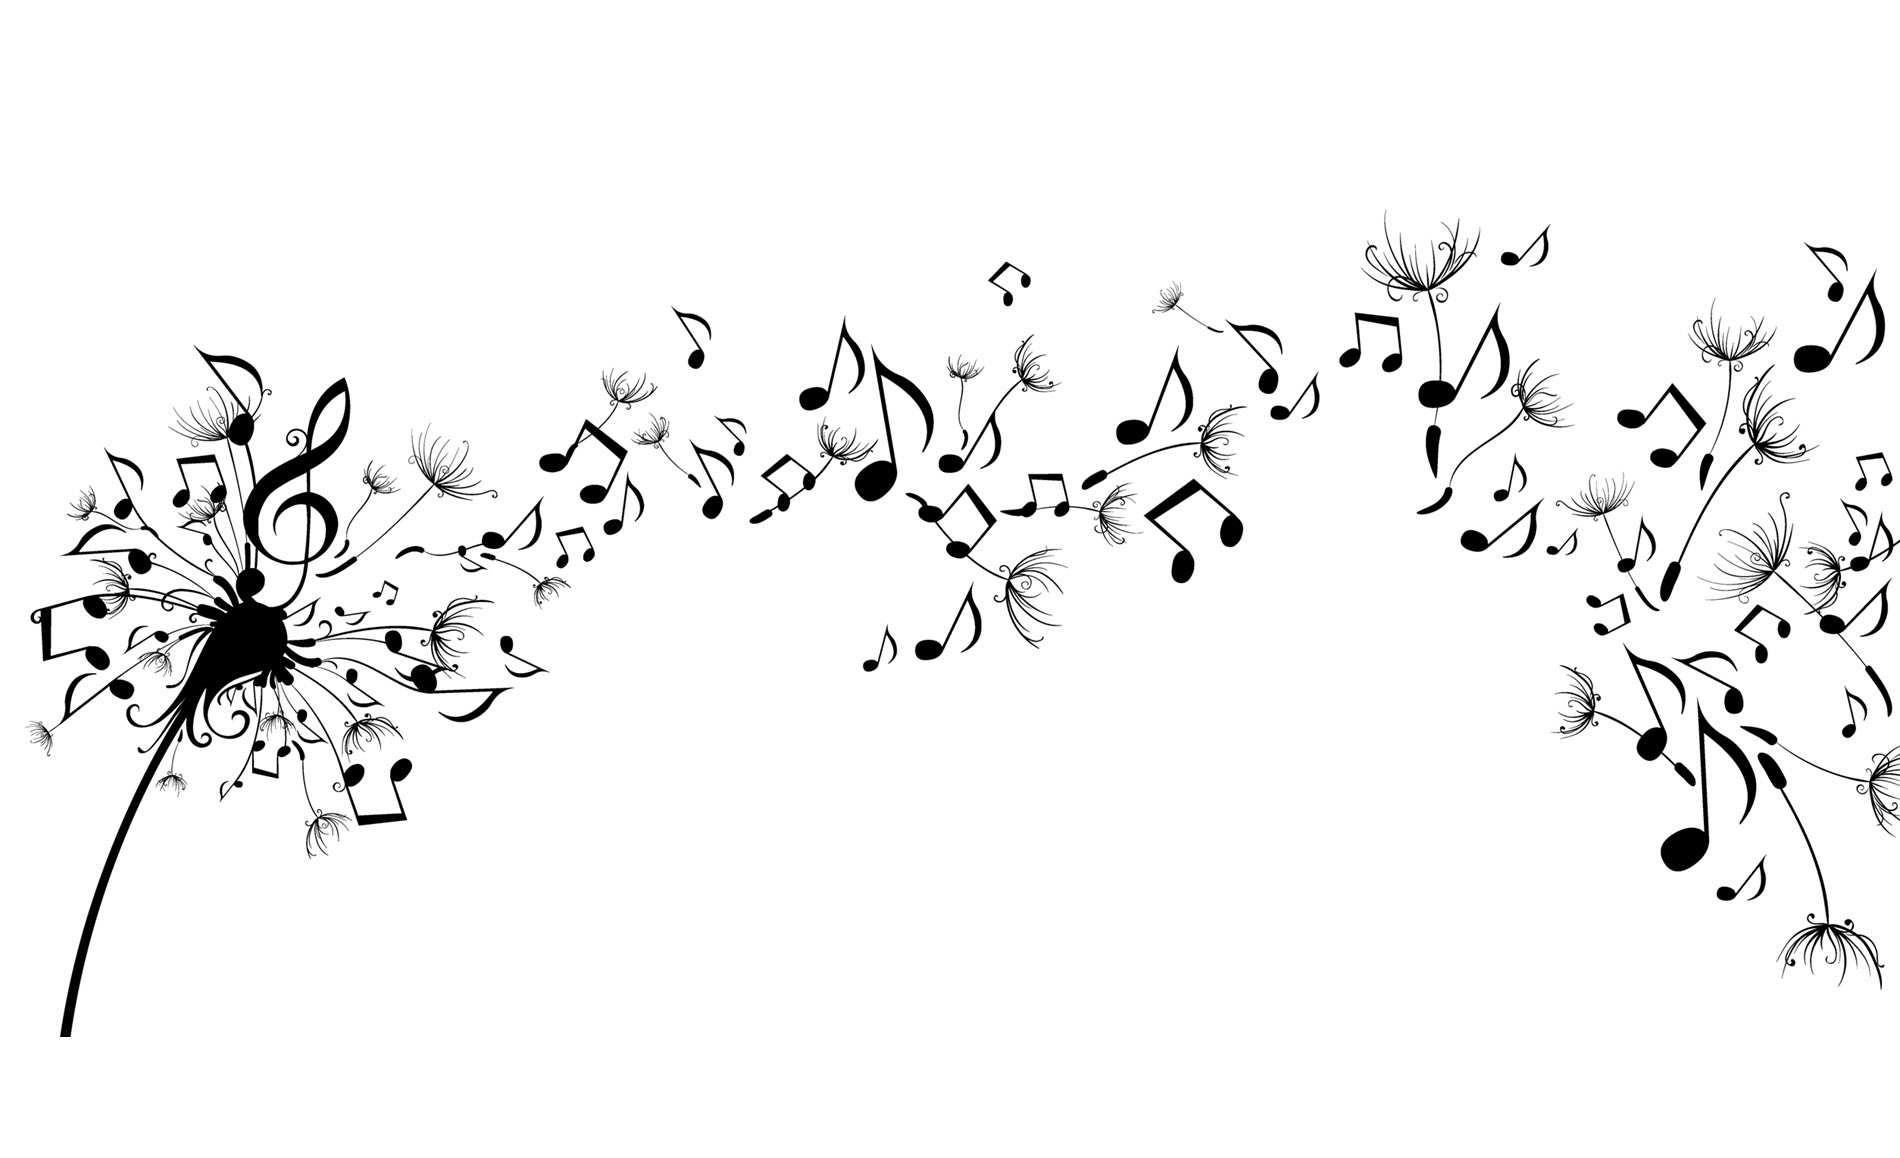 Hình nền máy tính HD những nốt nhạc bay bổng đẹp